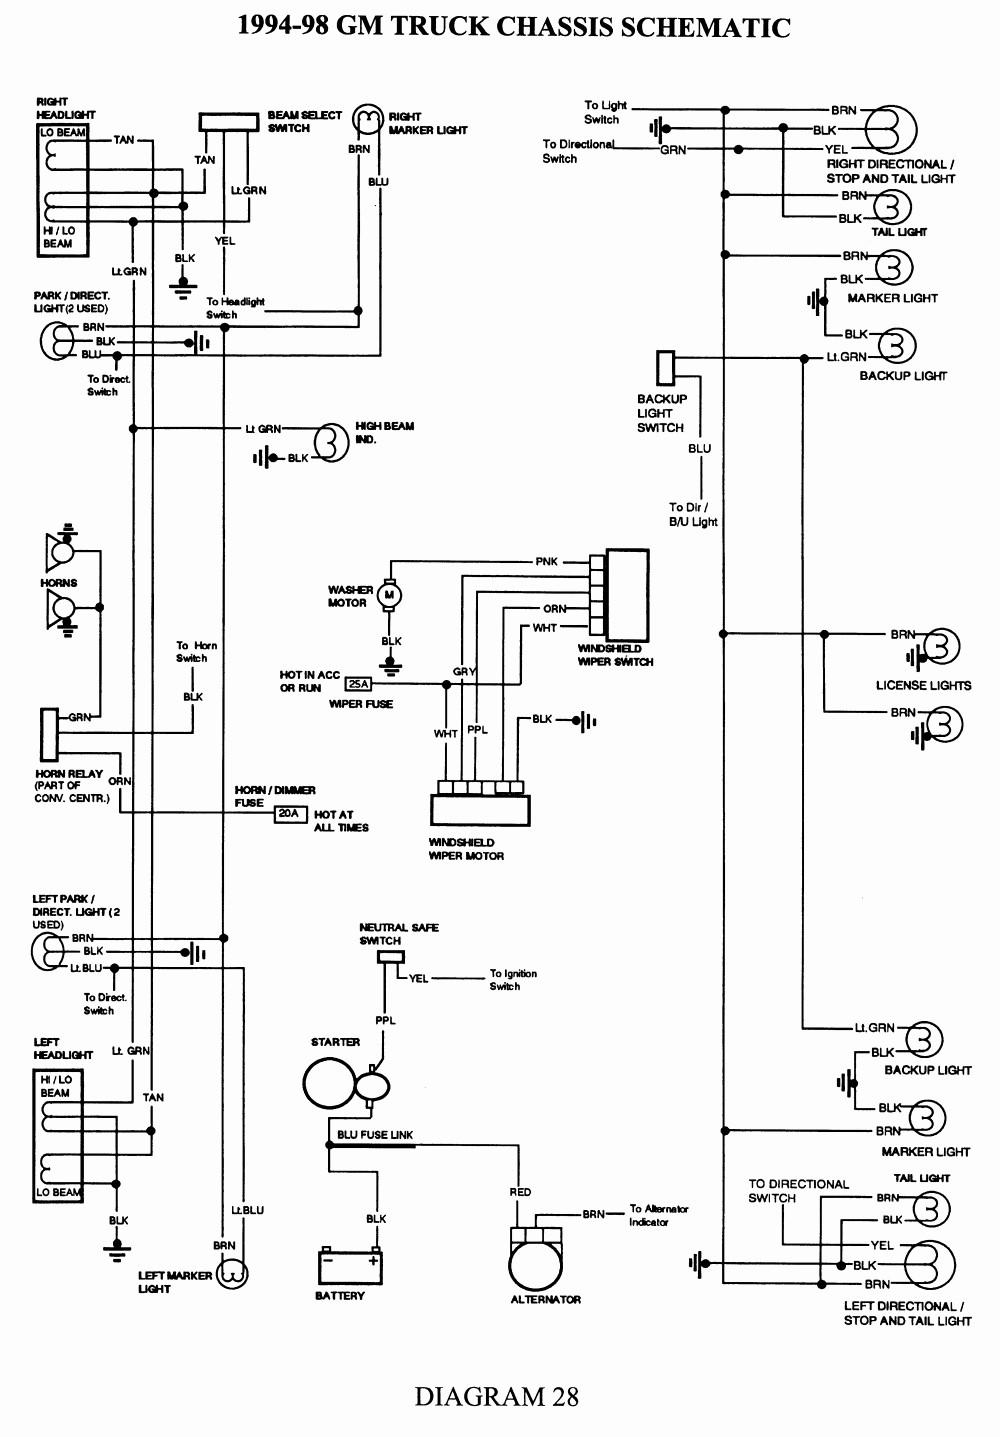 2004 Chevy Silverado Wiring Diagram Unique Chevy Backup Light Wiring Diagram Wiring Diagram